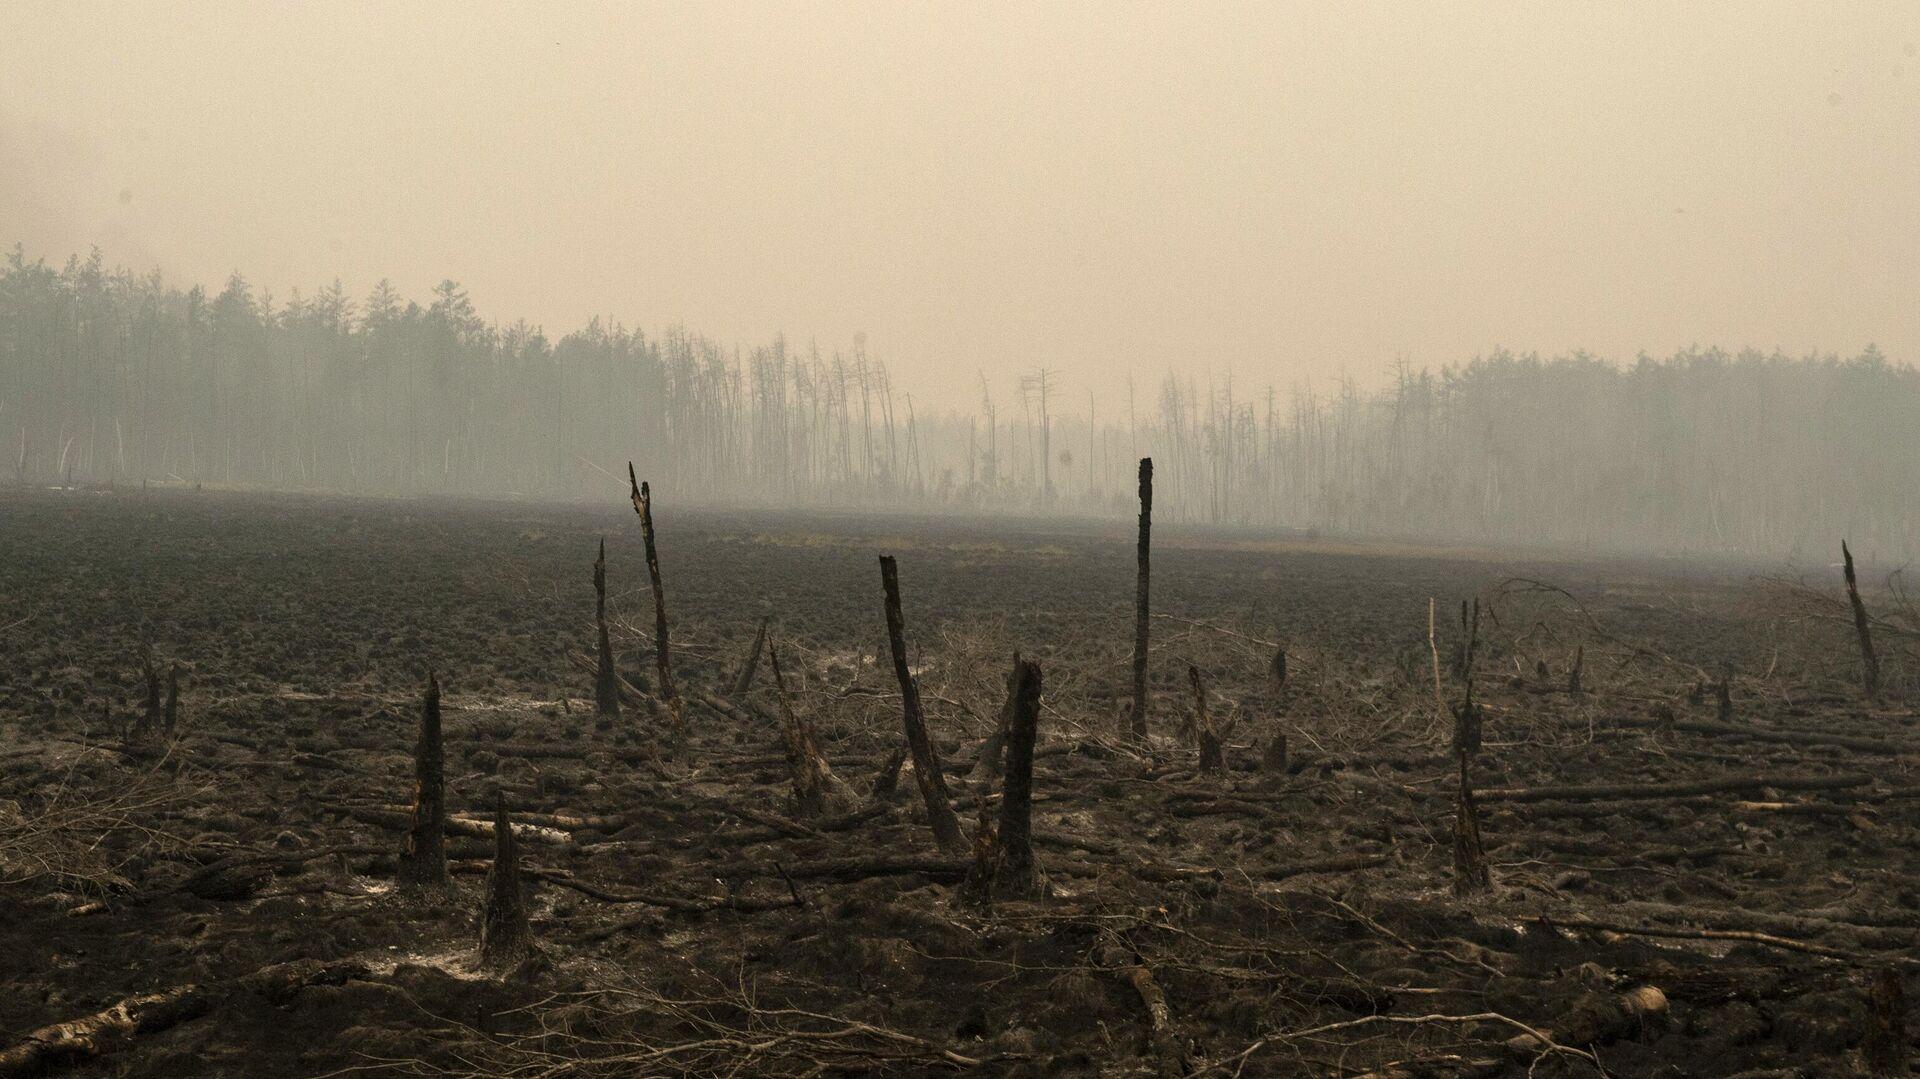 МЧС рассказало о ситуации с природными пожарами в Якутии